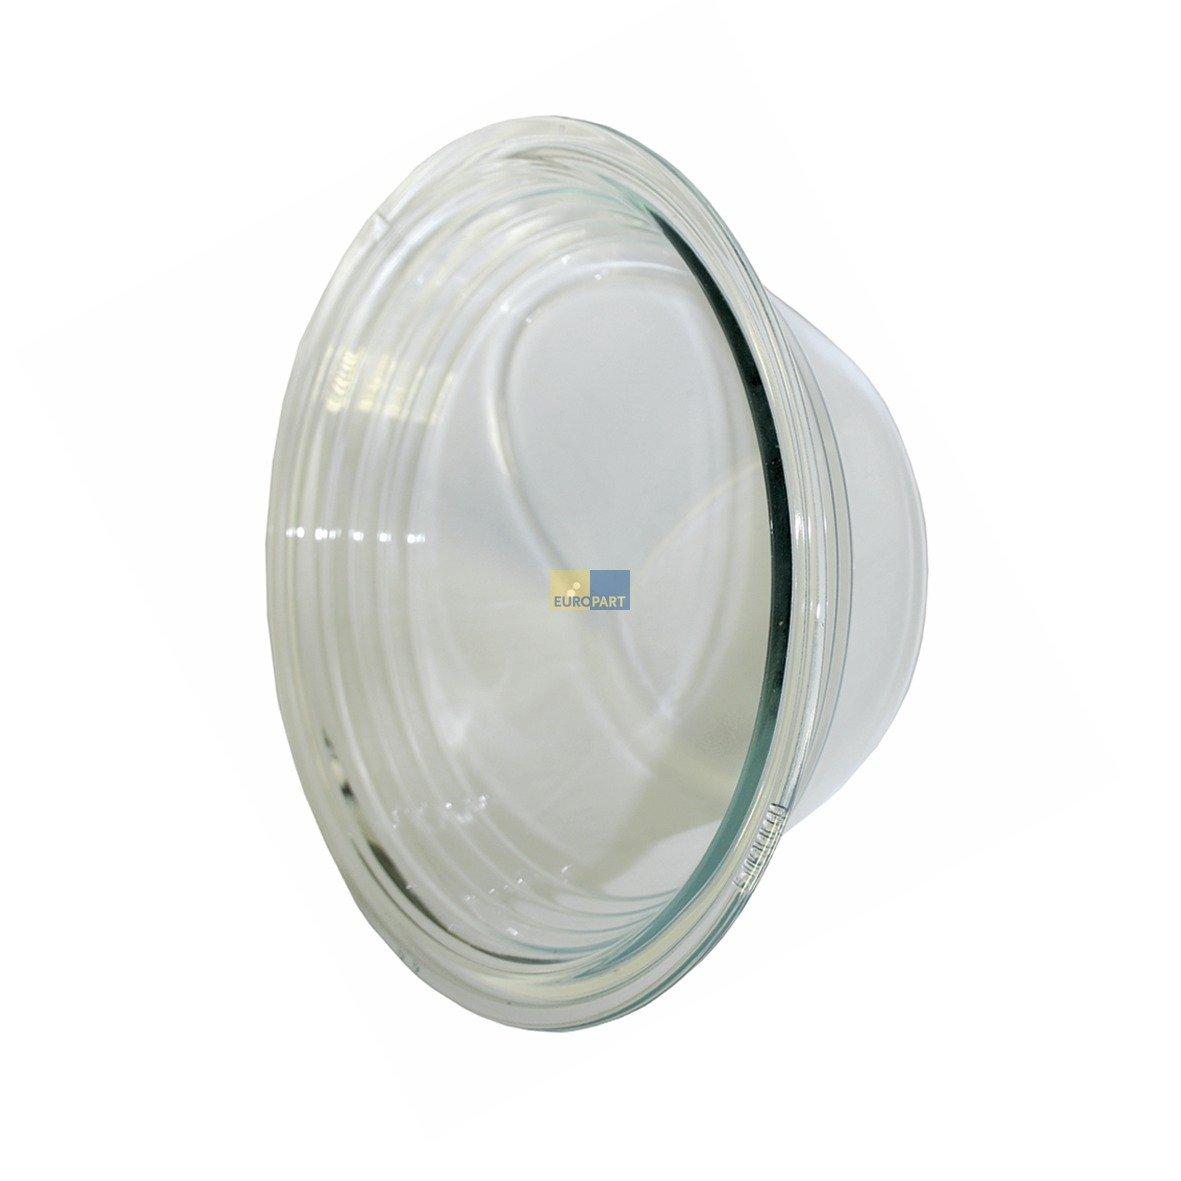 ORIGINAL Türglas Schauglas Glas 280 mm Waschmaschine Miele 5707080